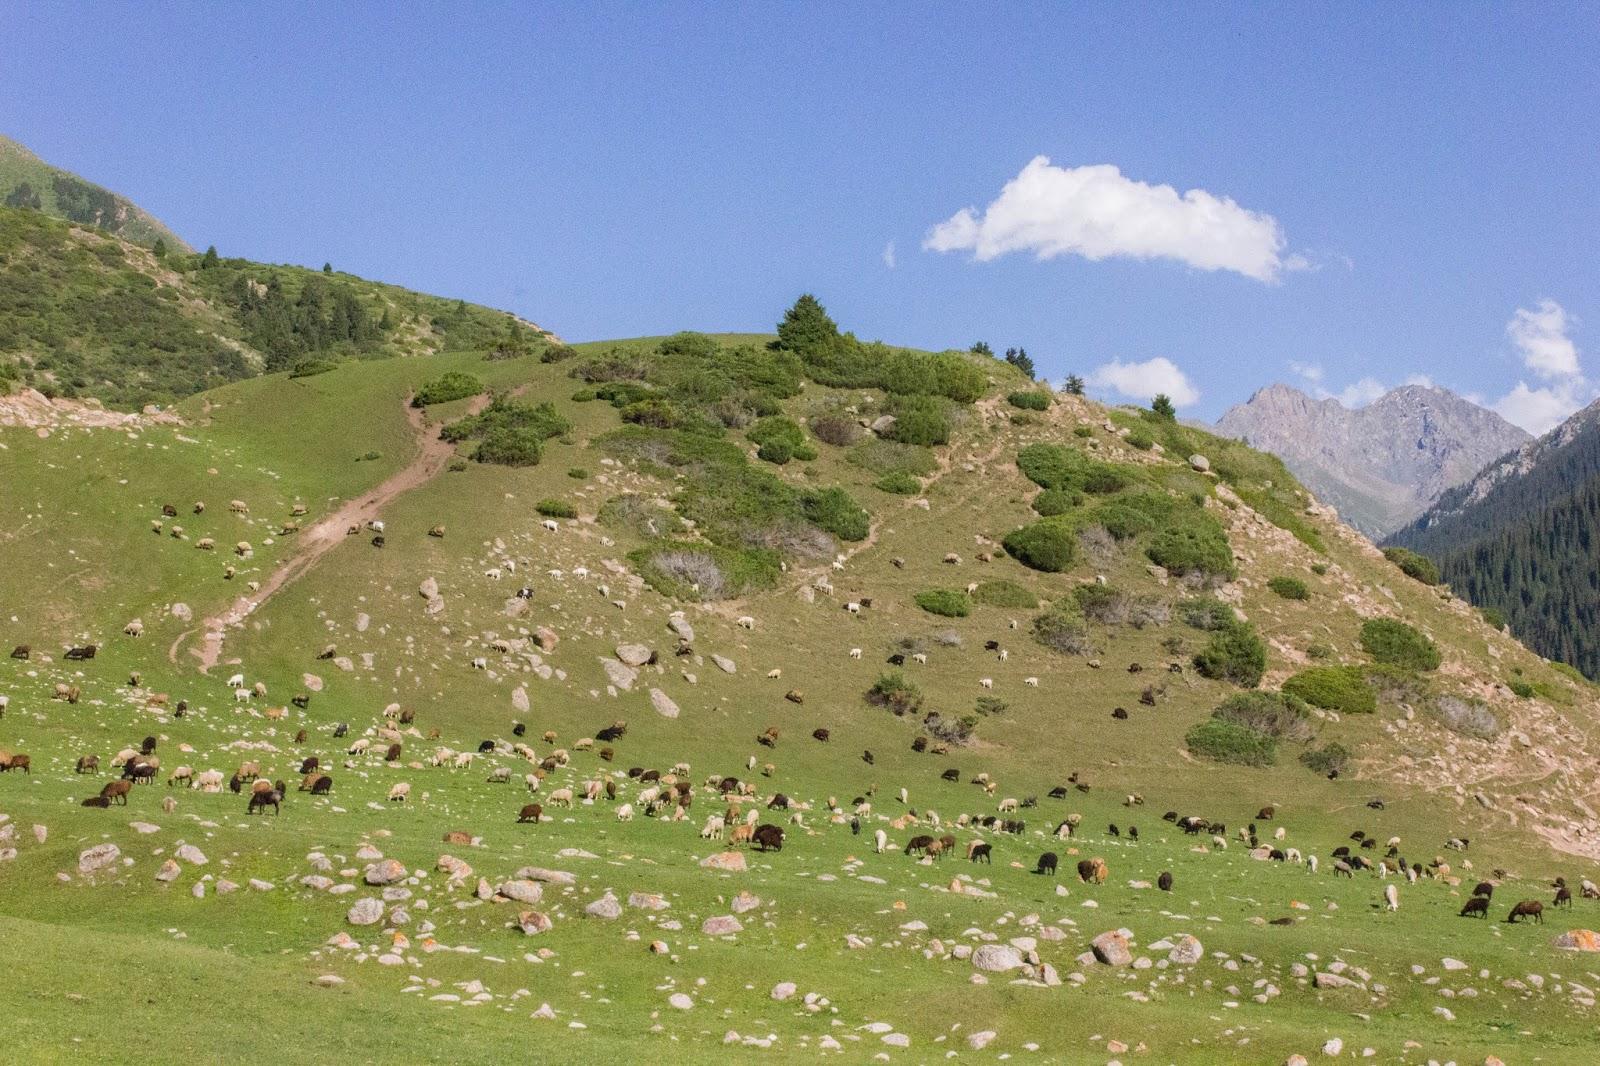 Кыргызстан, Джеты-Огуз, Иссык-Куль, разноцветные бараны